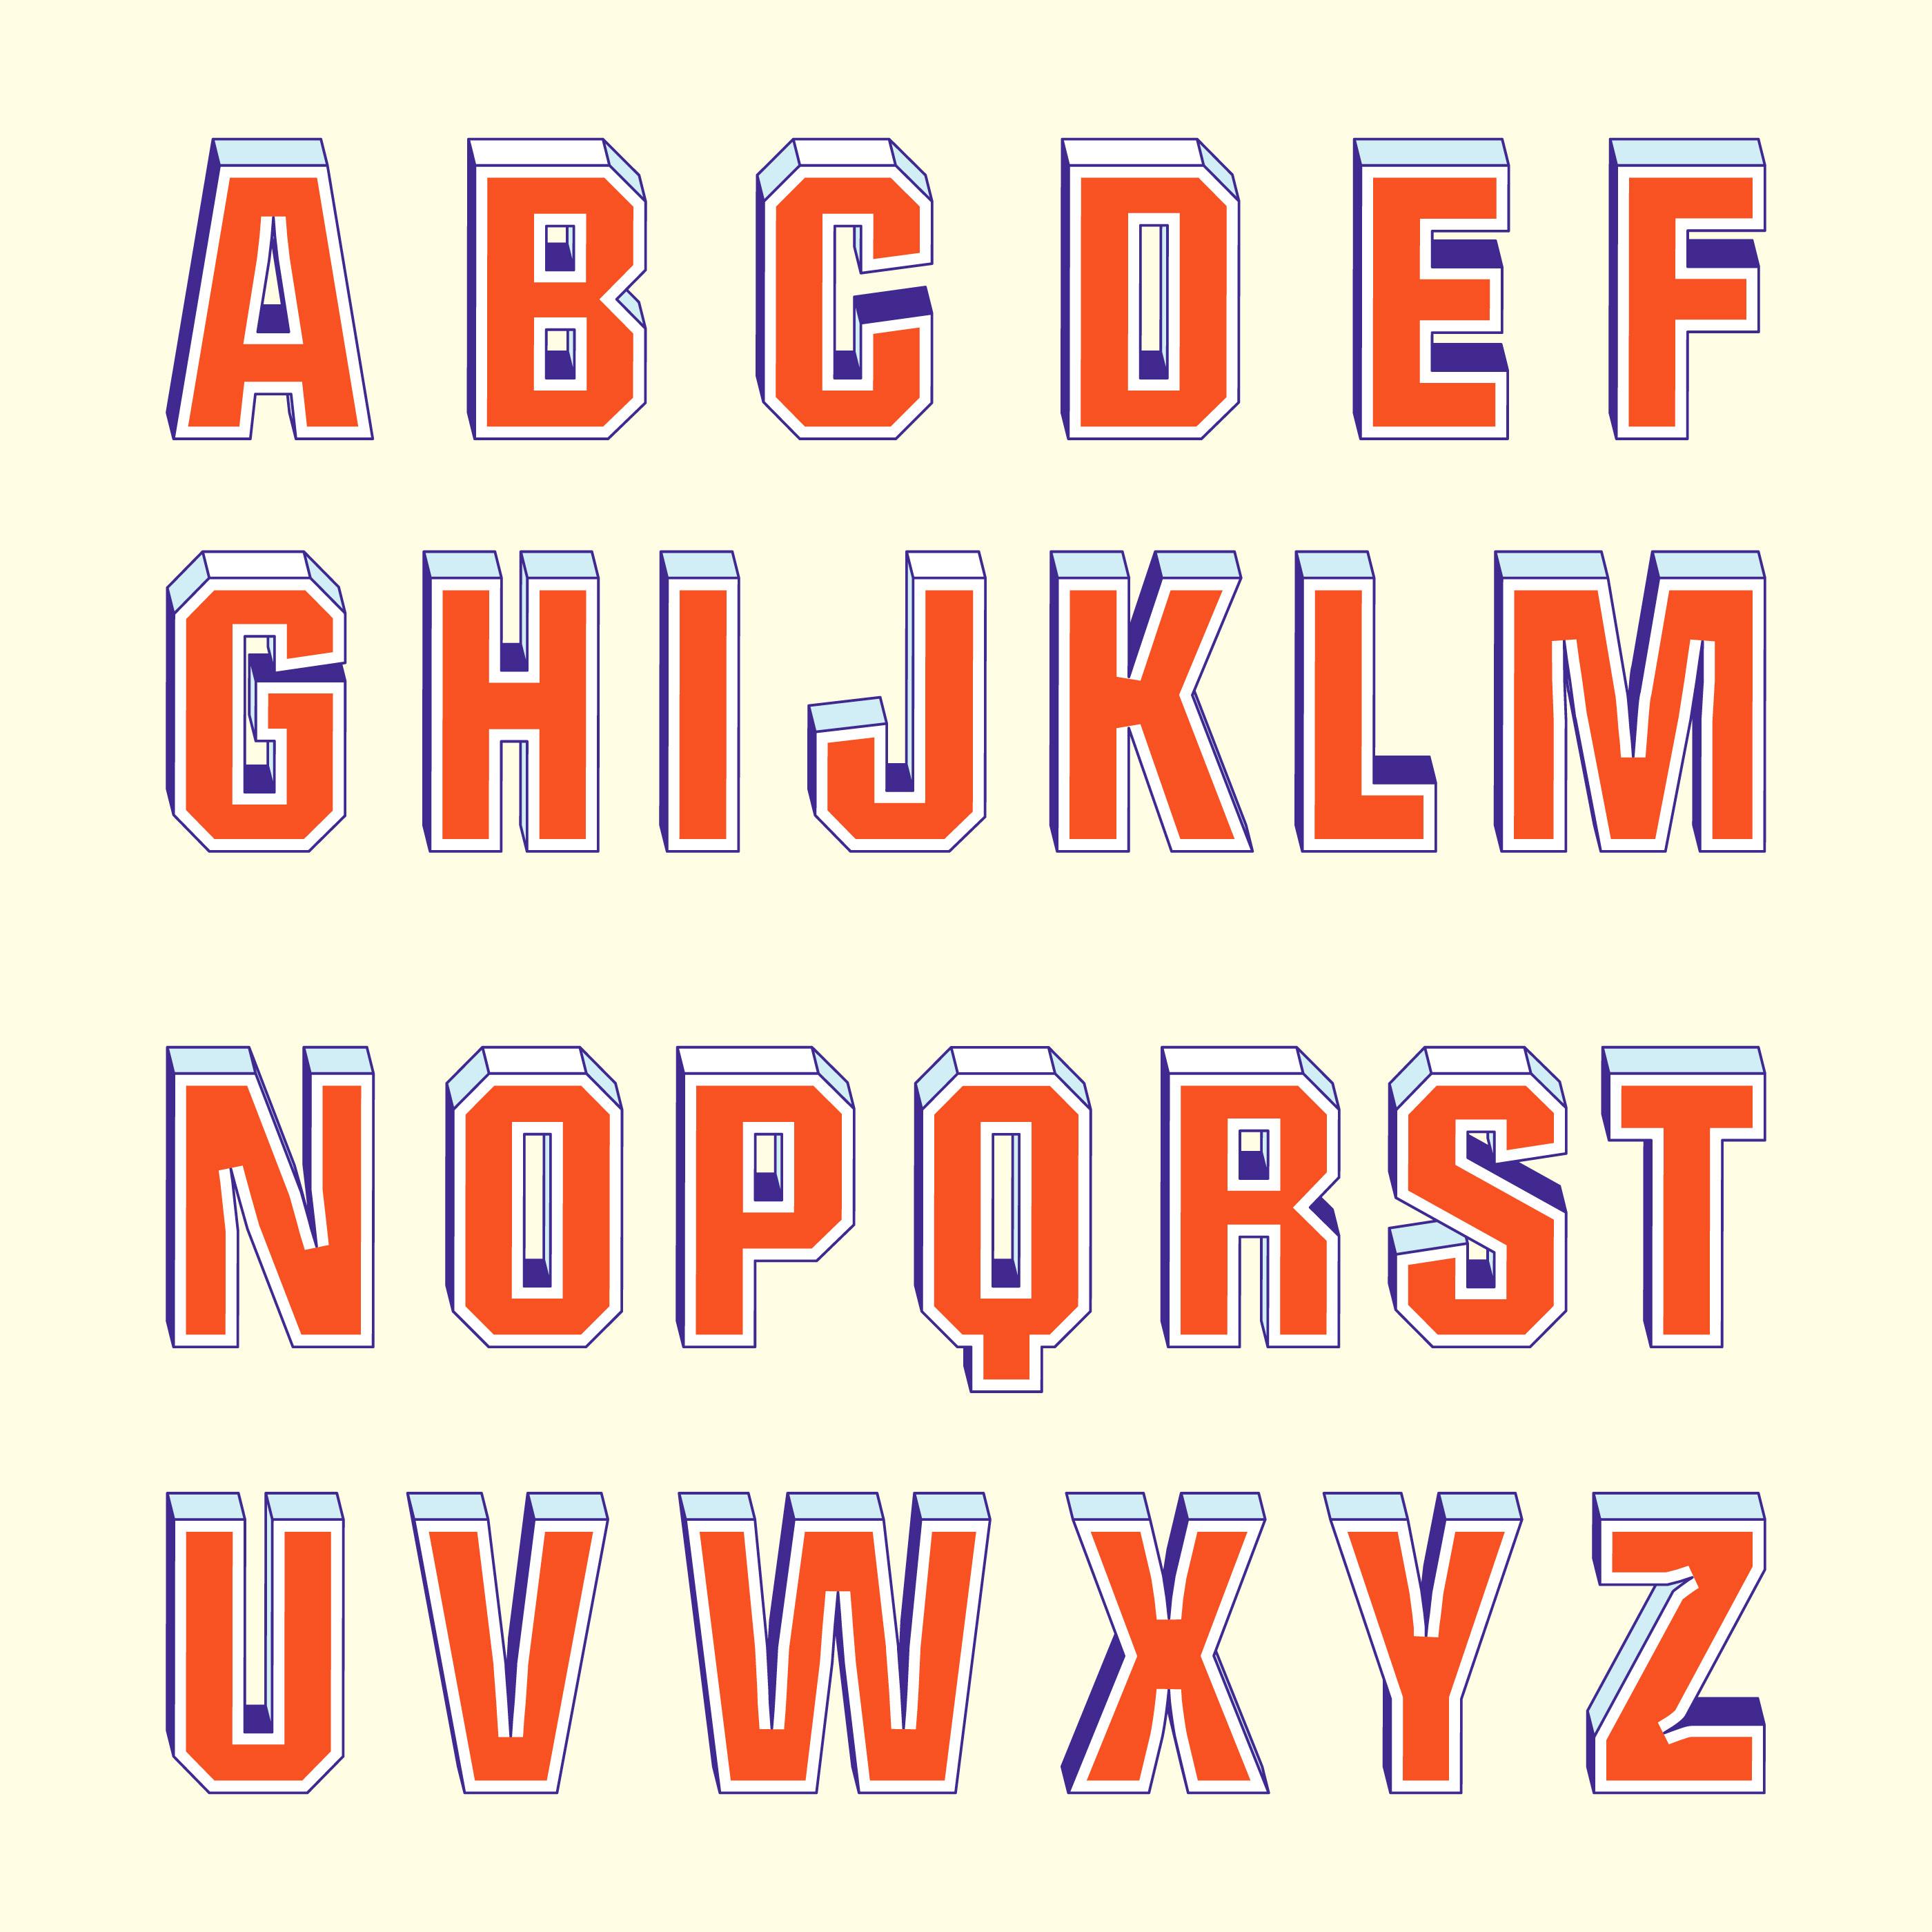 3D Fonts Retro Vector - Download Free Vectors, Clipart ...